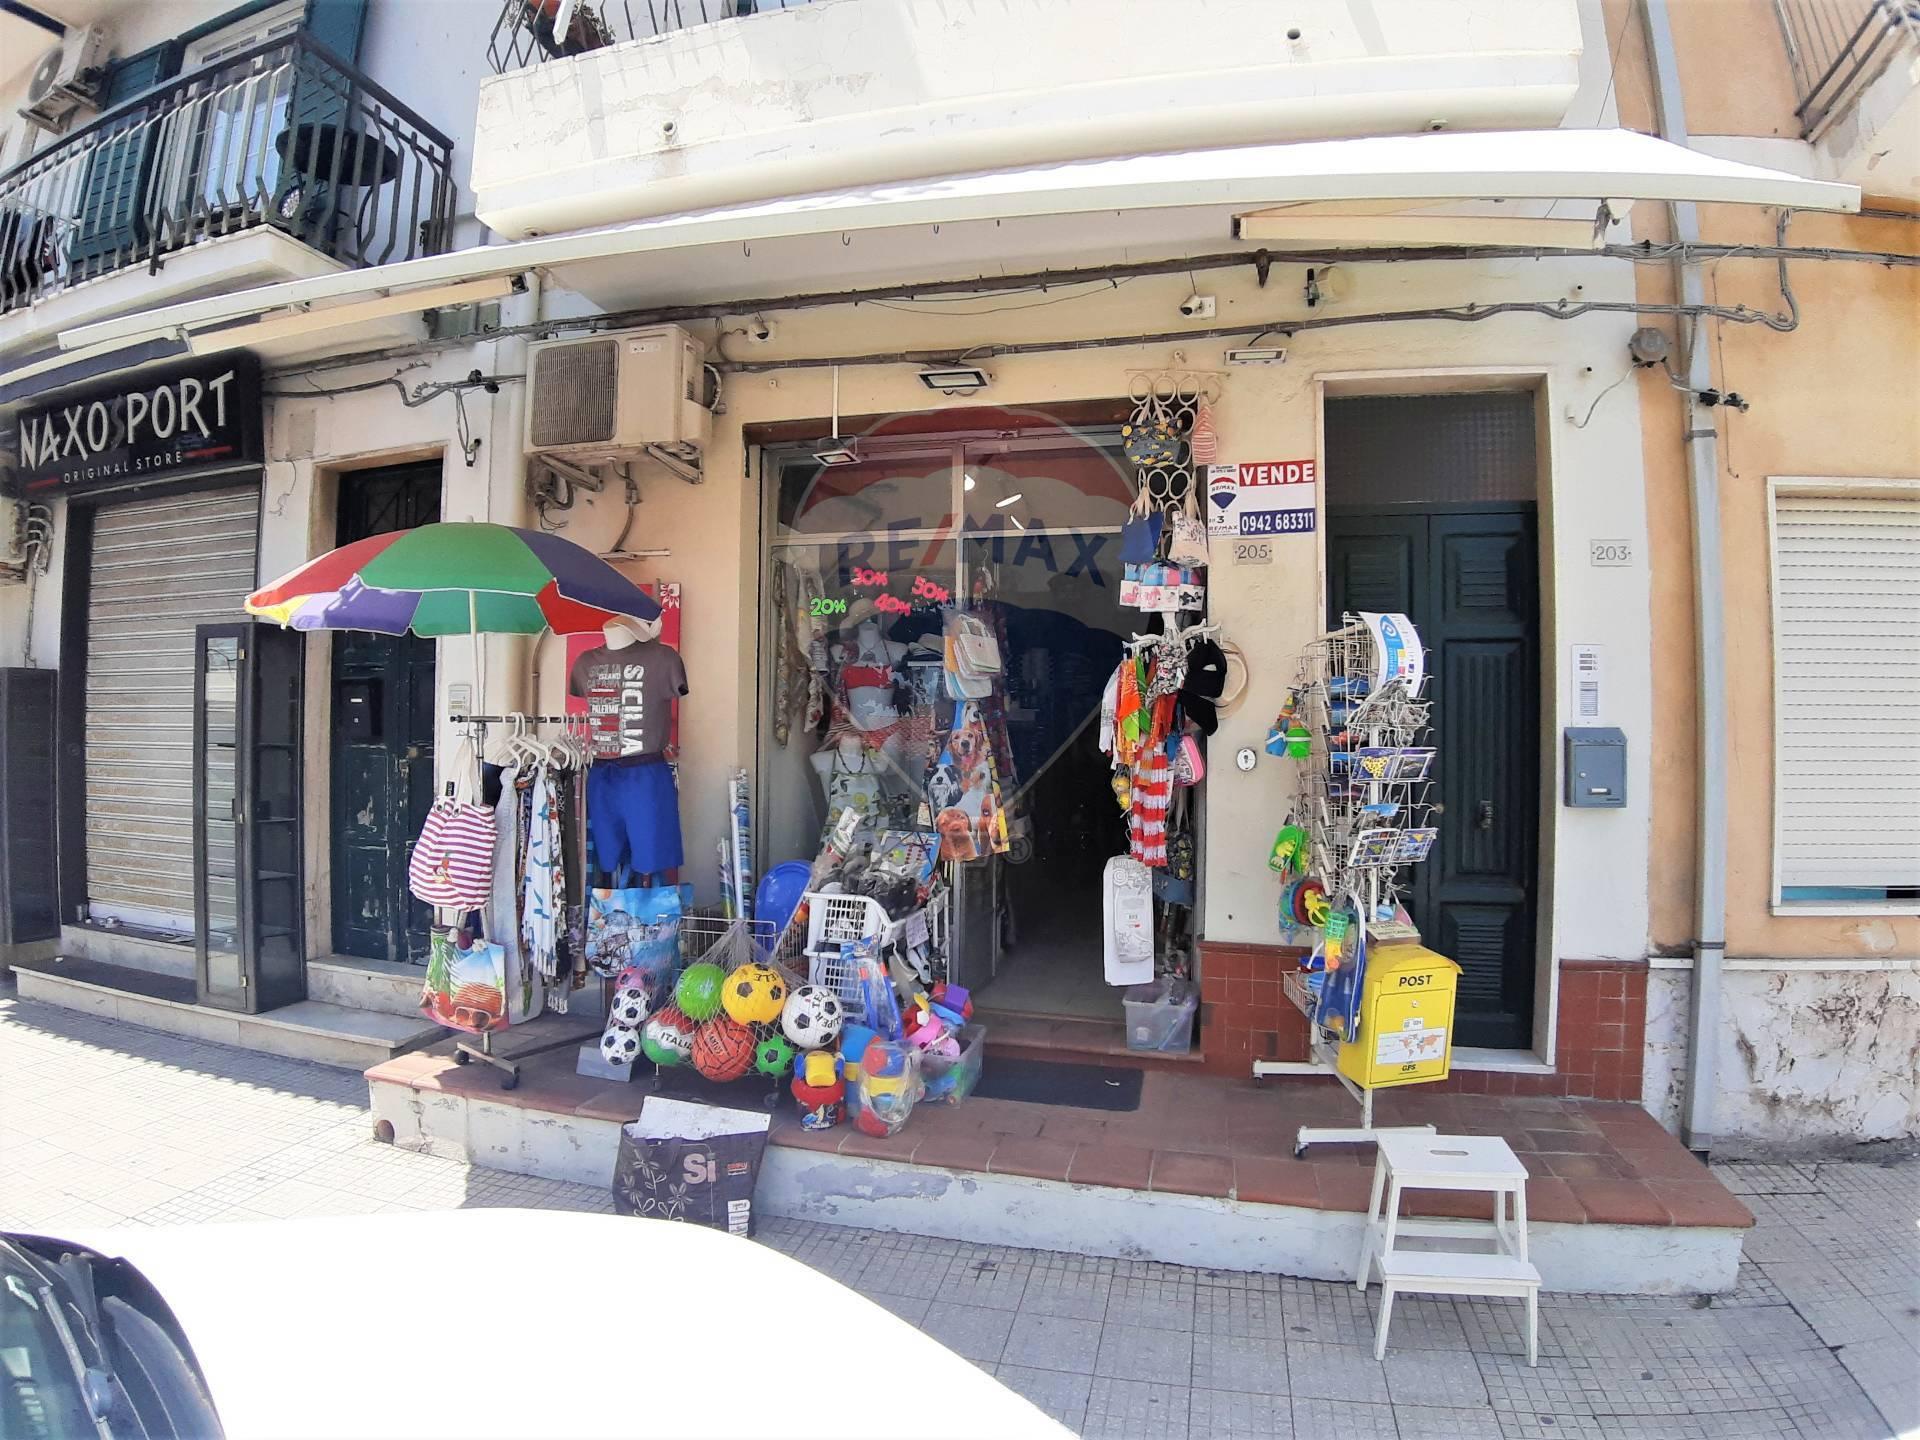 Negozio / Locale in vendita a Giardini-Naxos, 9999 locali, zona Località: Centro, prezzo € 189.000   CambioCasa.it